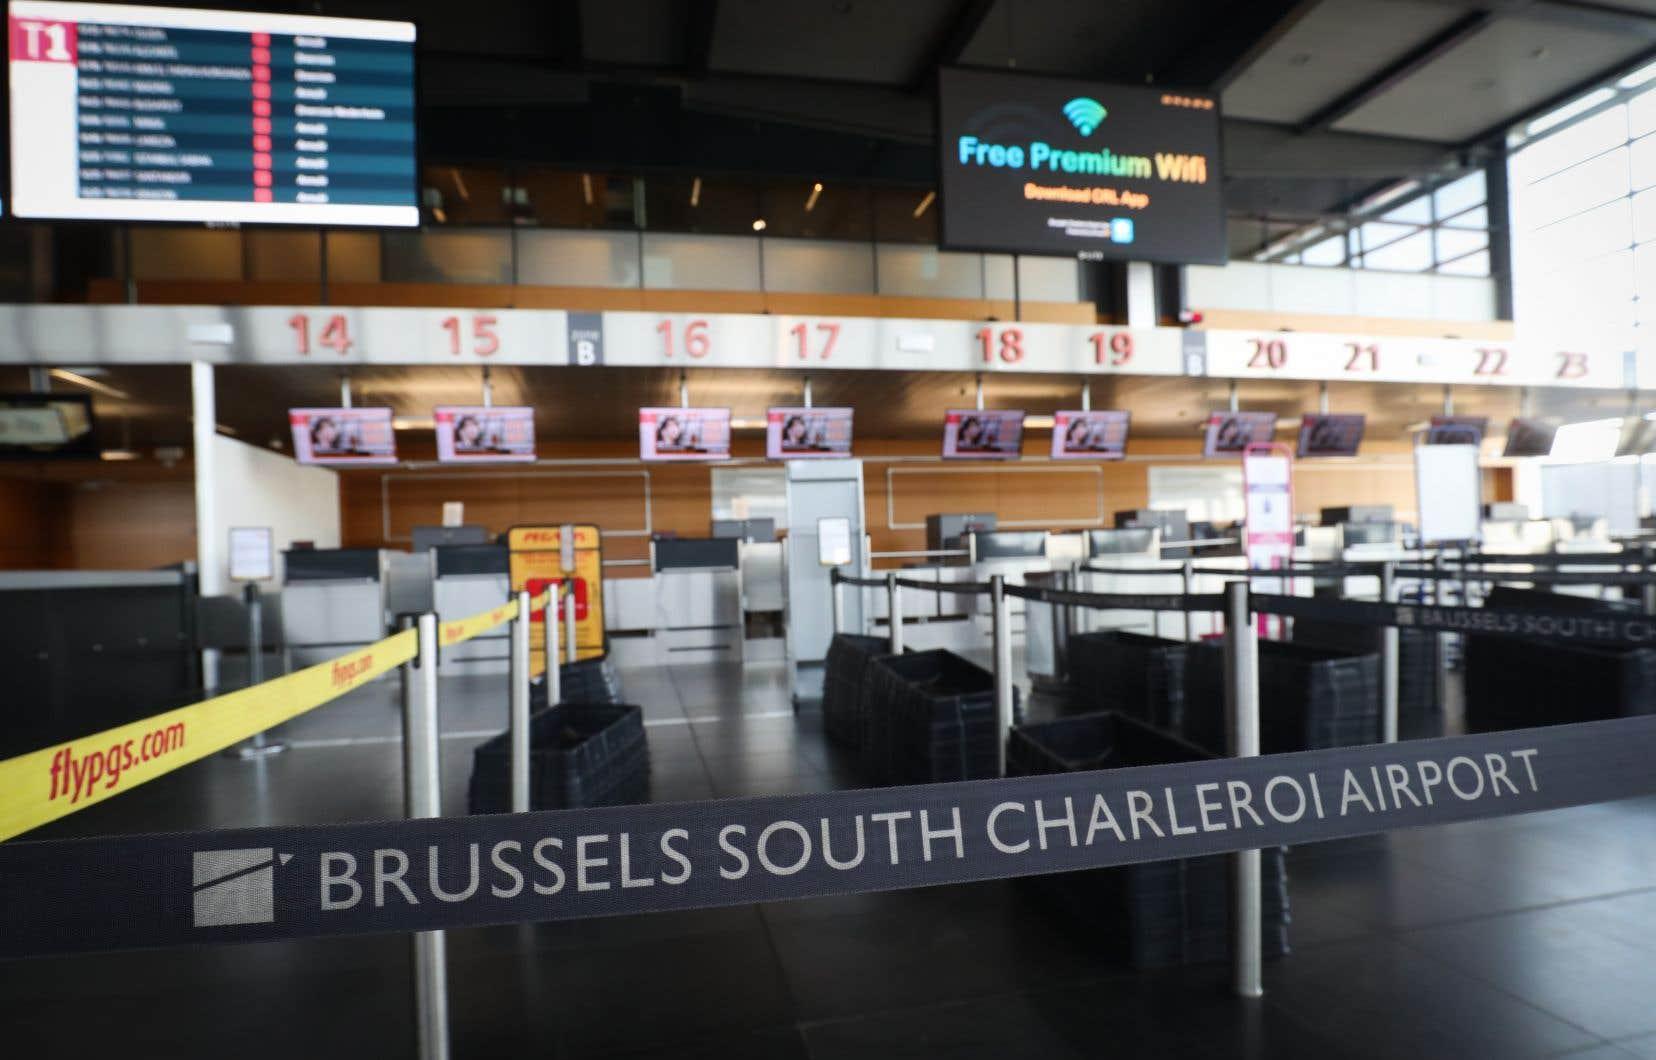 L'espace aérien belge est fermé. L'entreprise chargée du contrôle du trafic, Skeyes, a annoncé mardi qu'elle n'autoriserait aucun vol au départ ou à l'arrivée dans le pays, faute de pouvoir déterminer avec certitude les employés qui viendraient travailler.